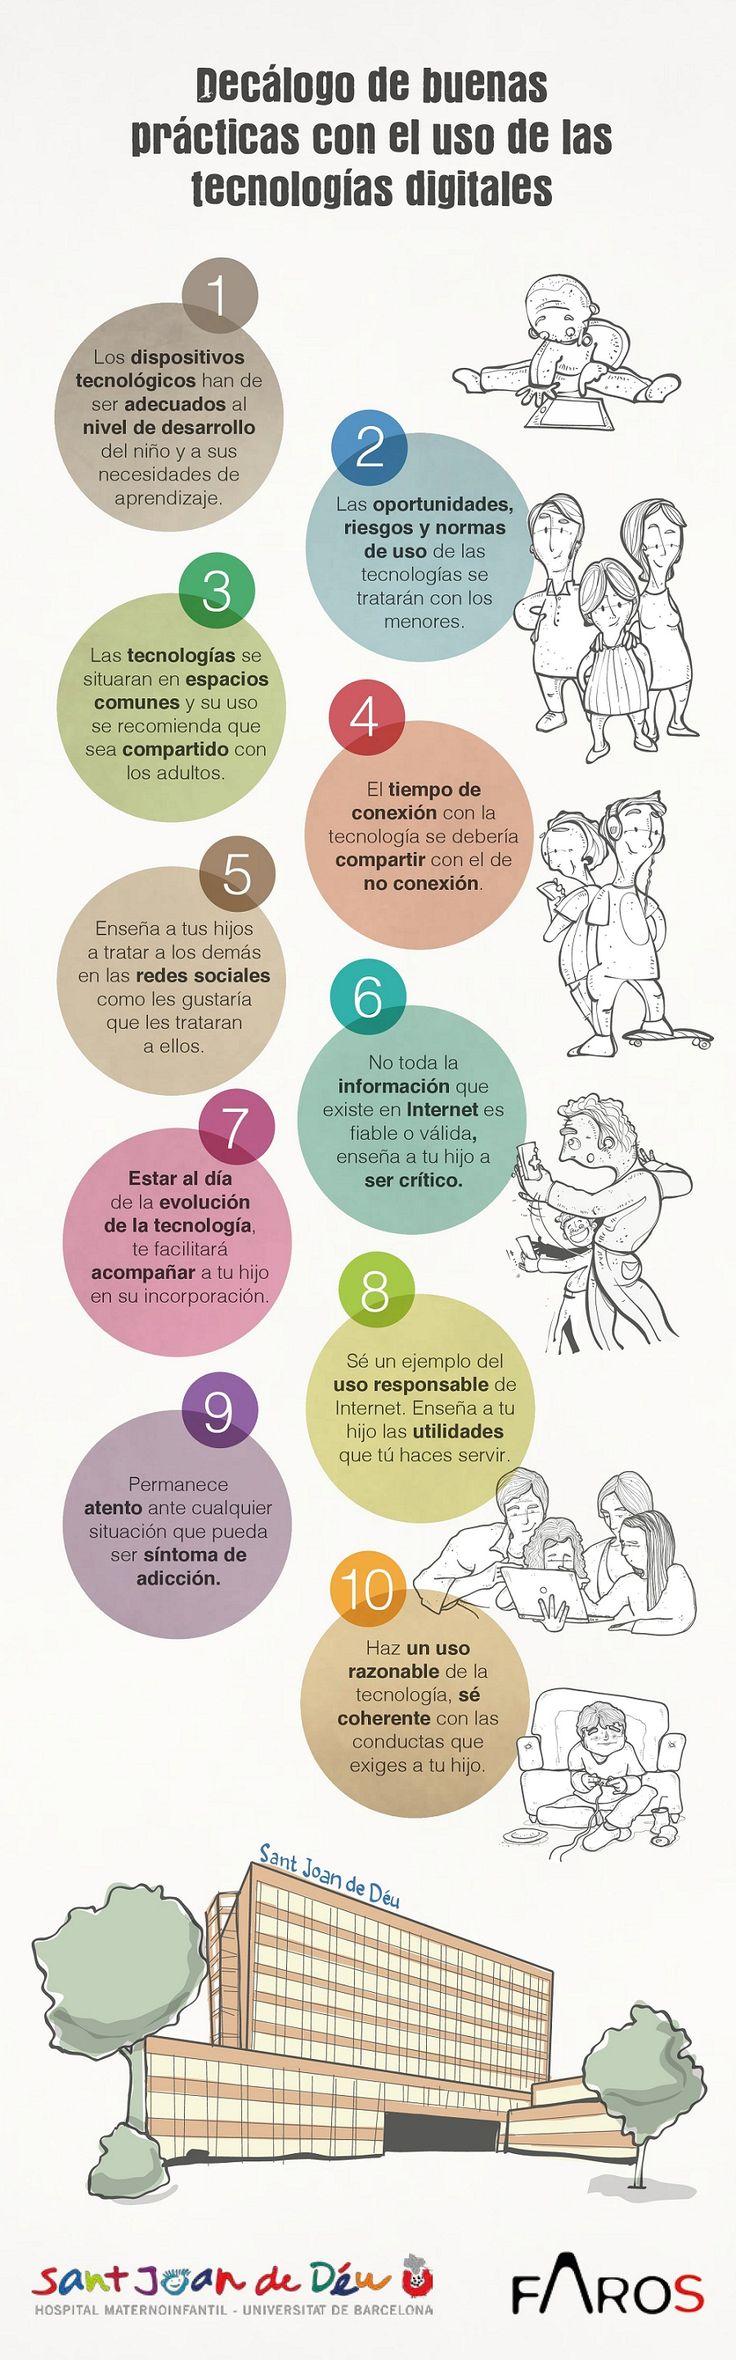 Infografía que resume, a modo de decálogo, las 10 mejores prácticas a la hora de guiar a los menores en el uso de las tecnologías digitales.